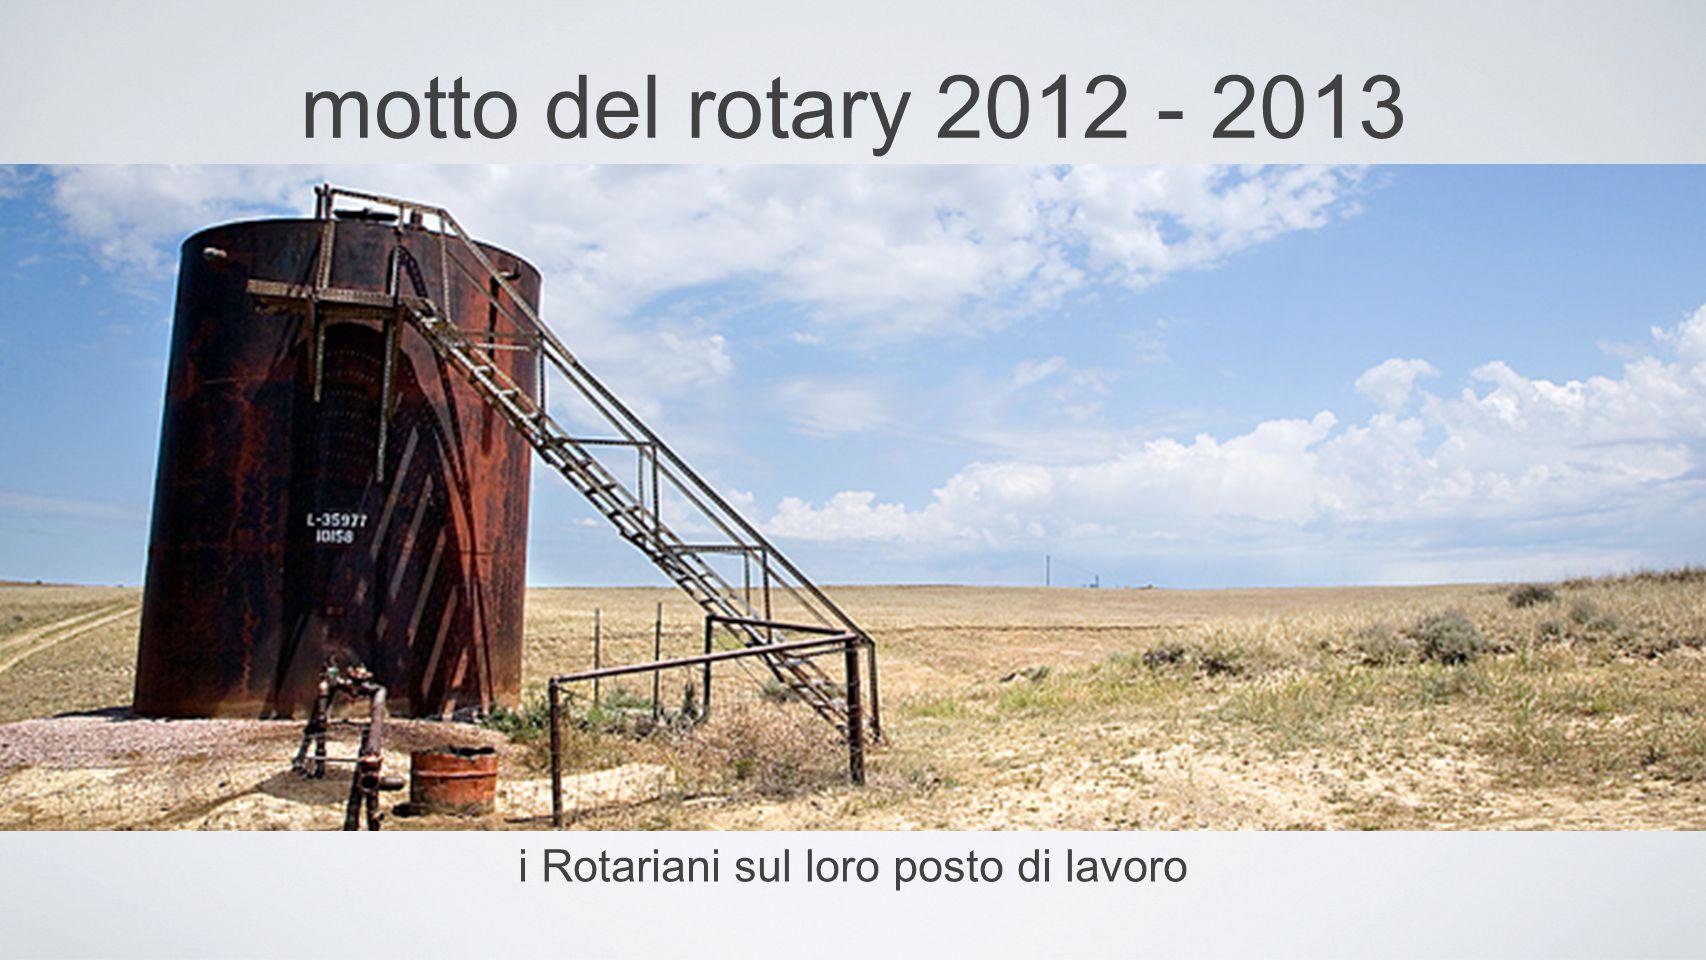 motto del rotary 2012 - 2013 i Rotariani sul loro posto di lavoro